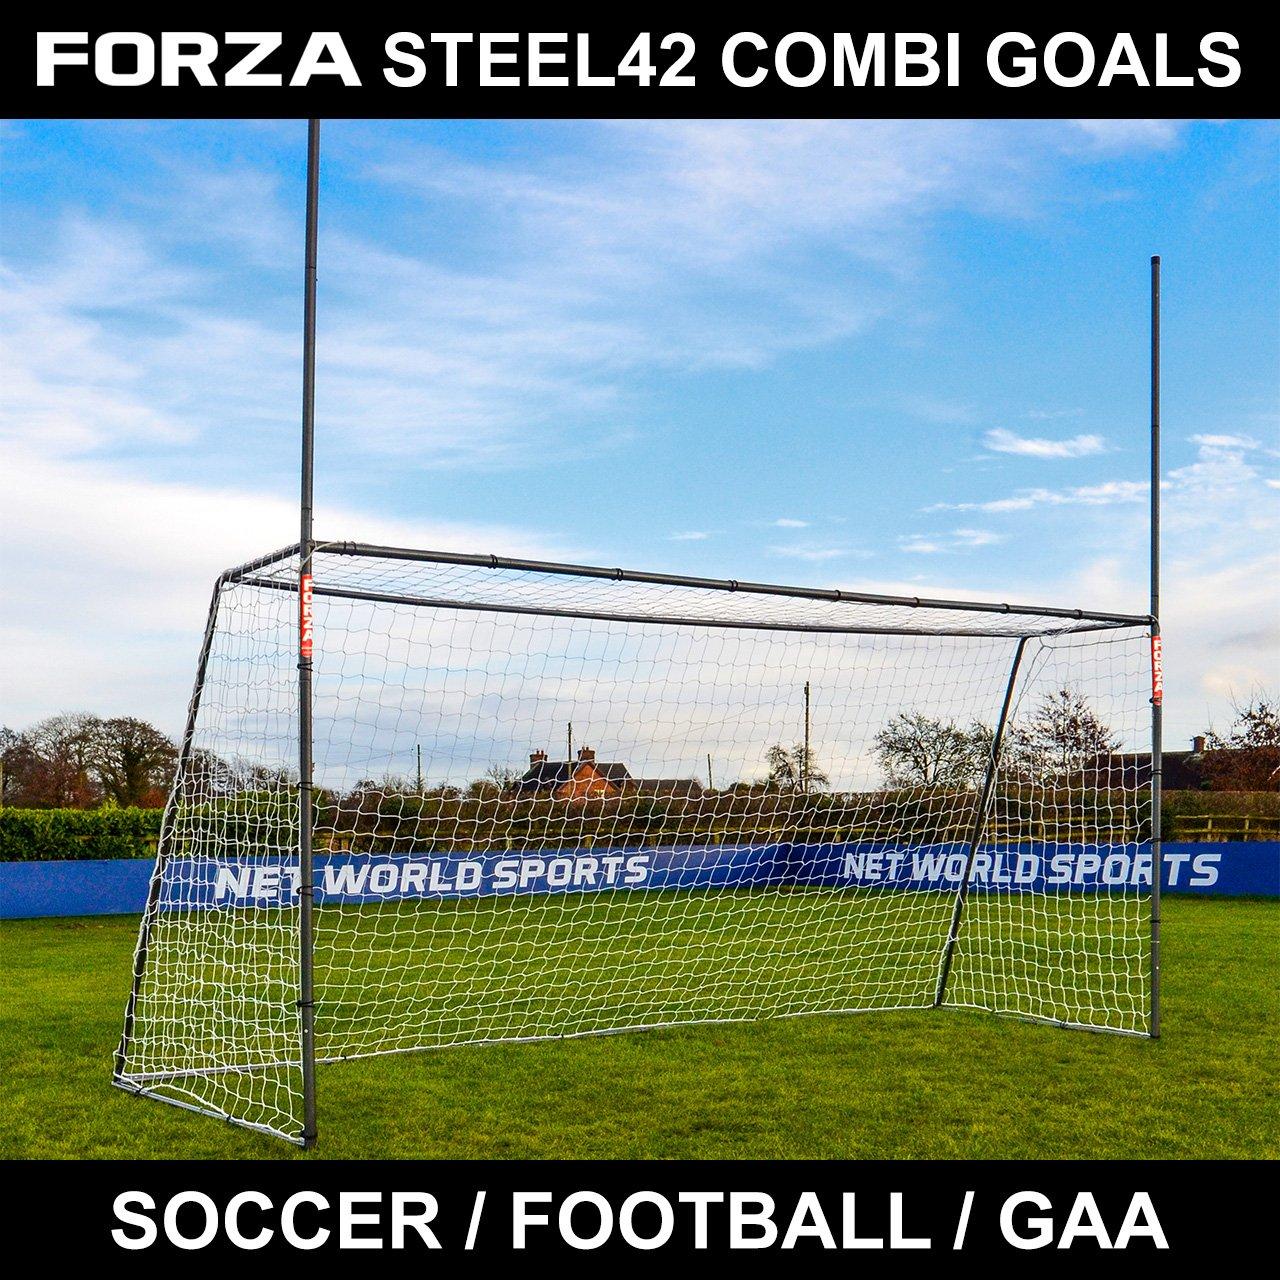 Forza 10 x 6 ft steel42サッカー/ラグビー/ Gaelic Football Goal – Aプレミアムオプションforジュニア選手[ Net世界スポーツ] B01NCWZXT5